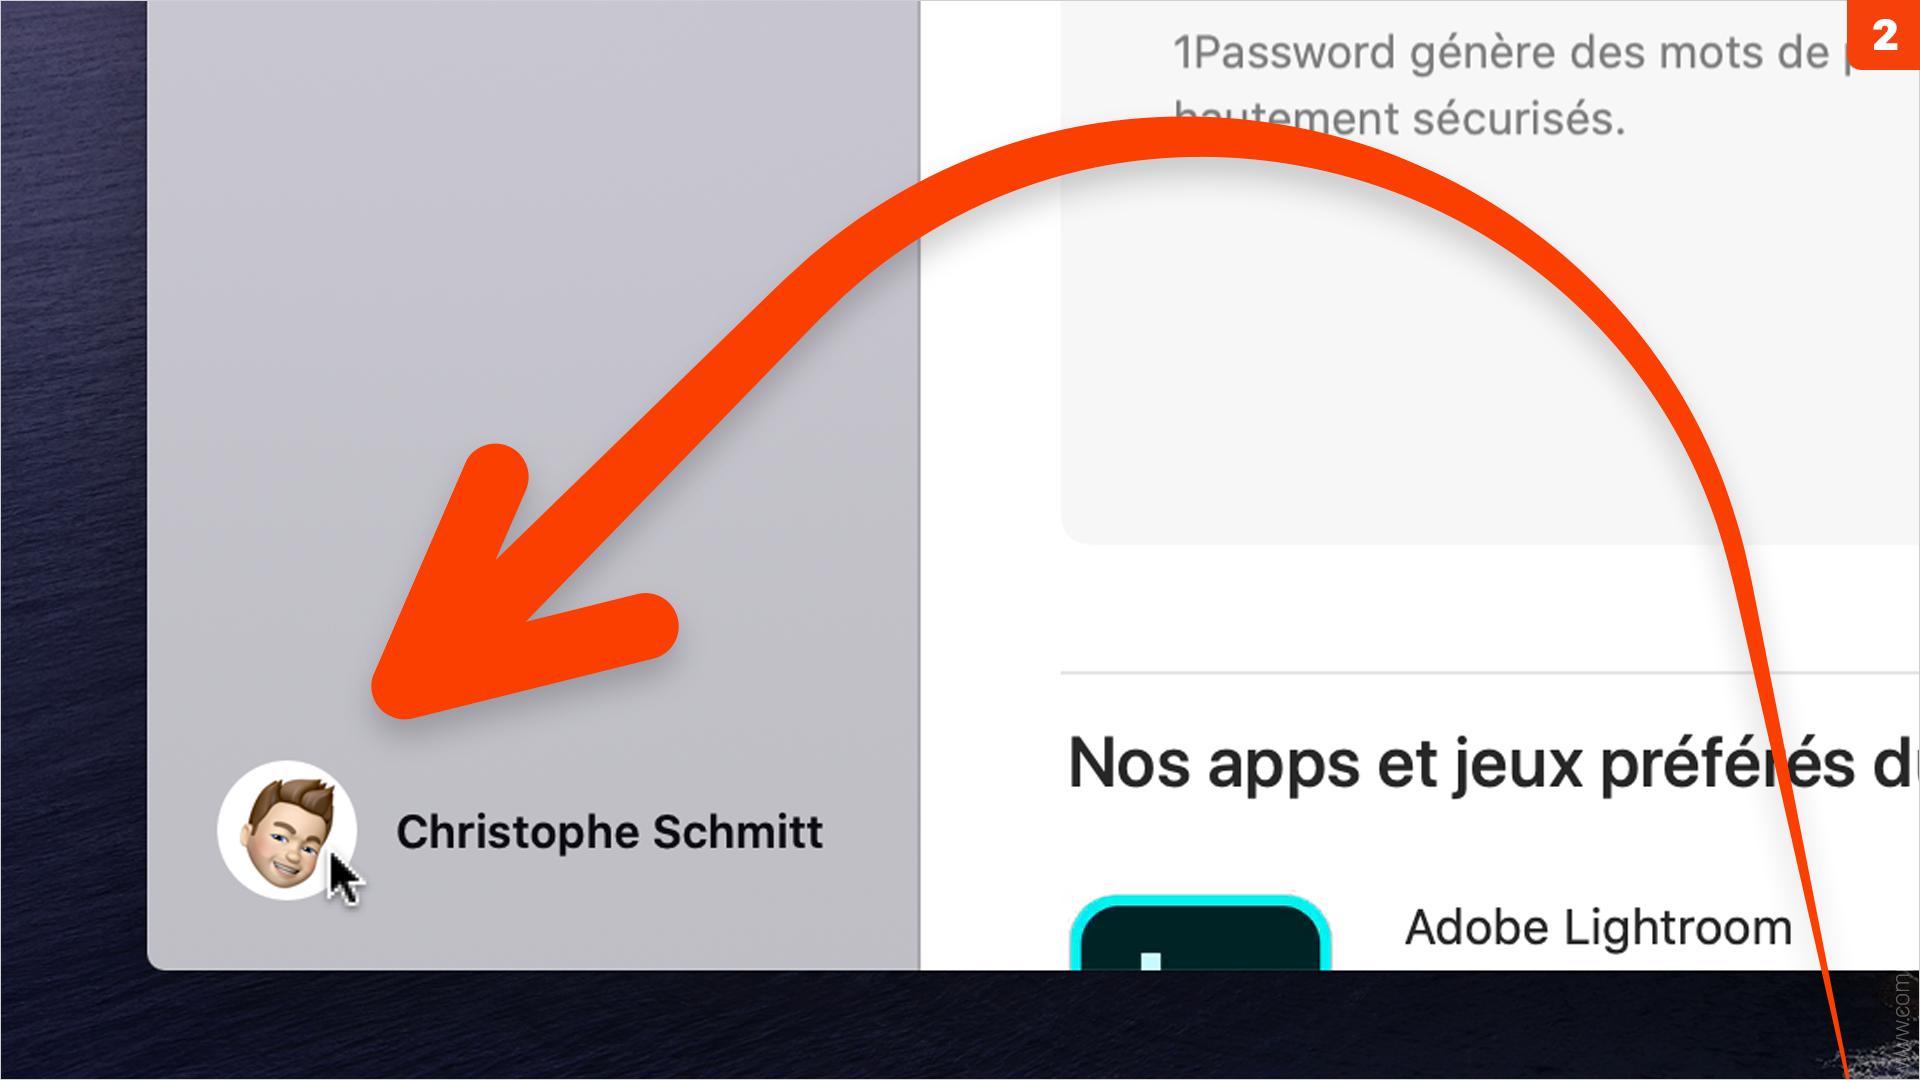 Forfaits • Résiliez l'abonnement à une appli depuis macOS ou iOS